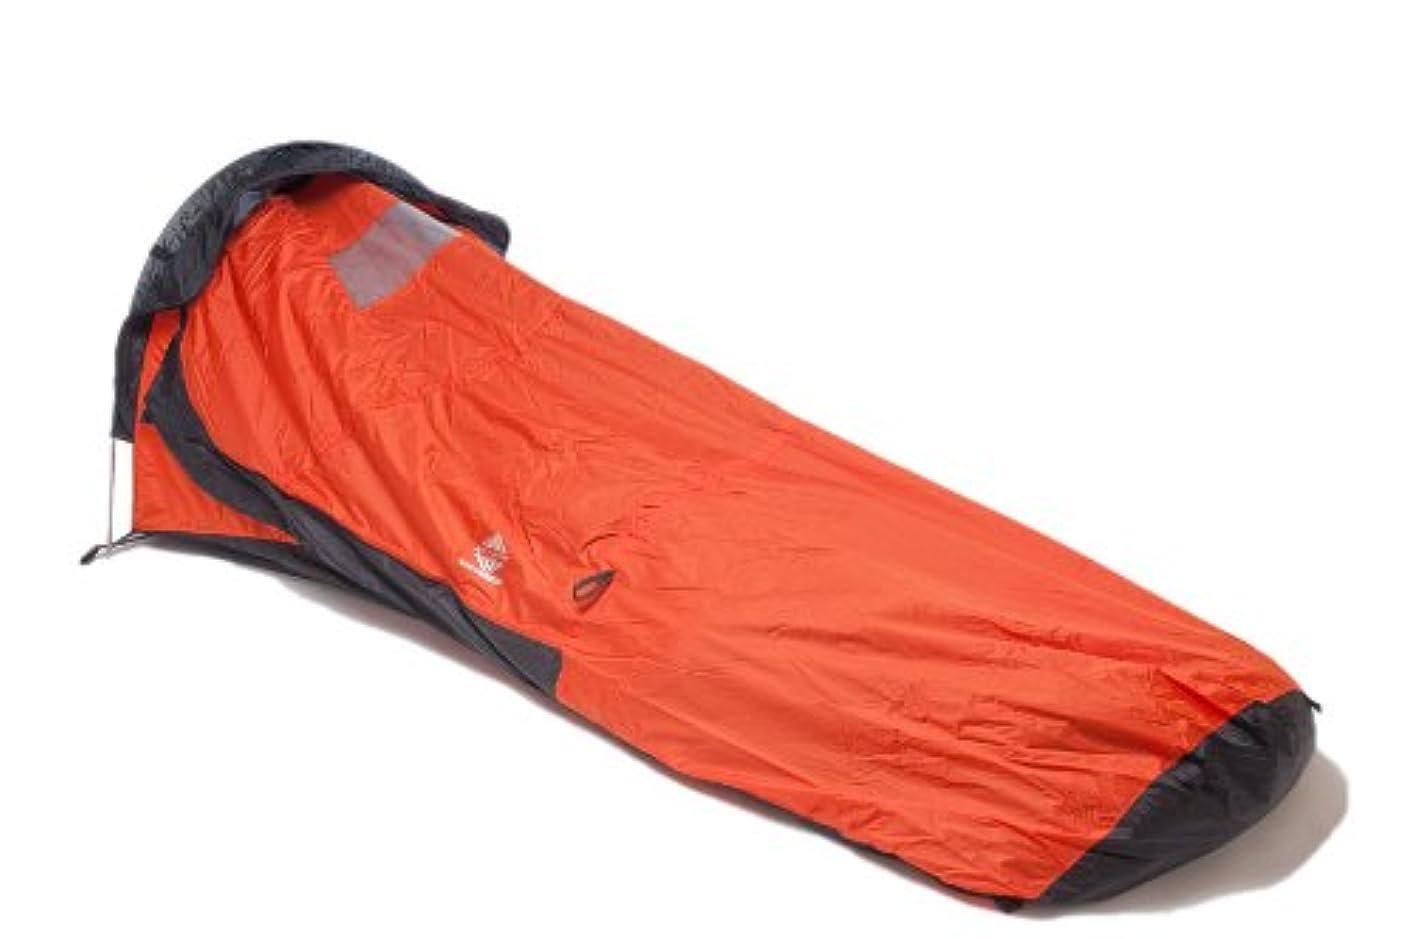 リードランチアレルギー性Aqua Quest (アクアクエスト) HOOPED ビヴィテント 100% 防水 シェルター 軽量 簡単 セットアップ ソロテント